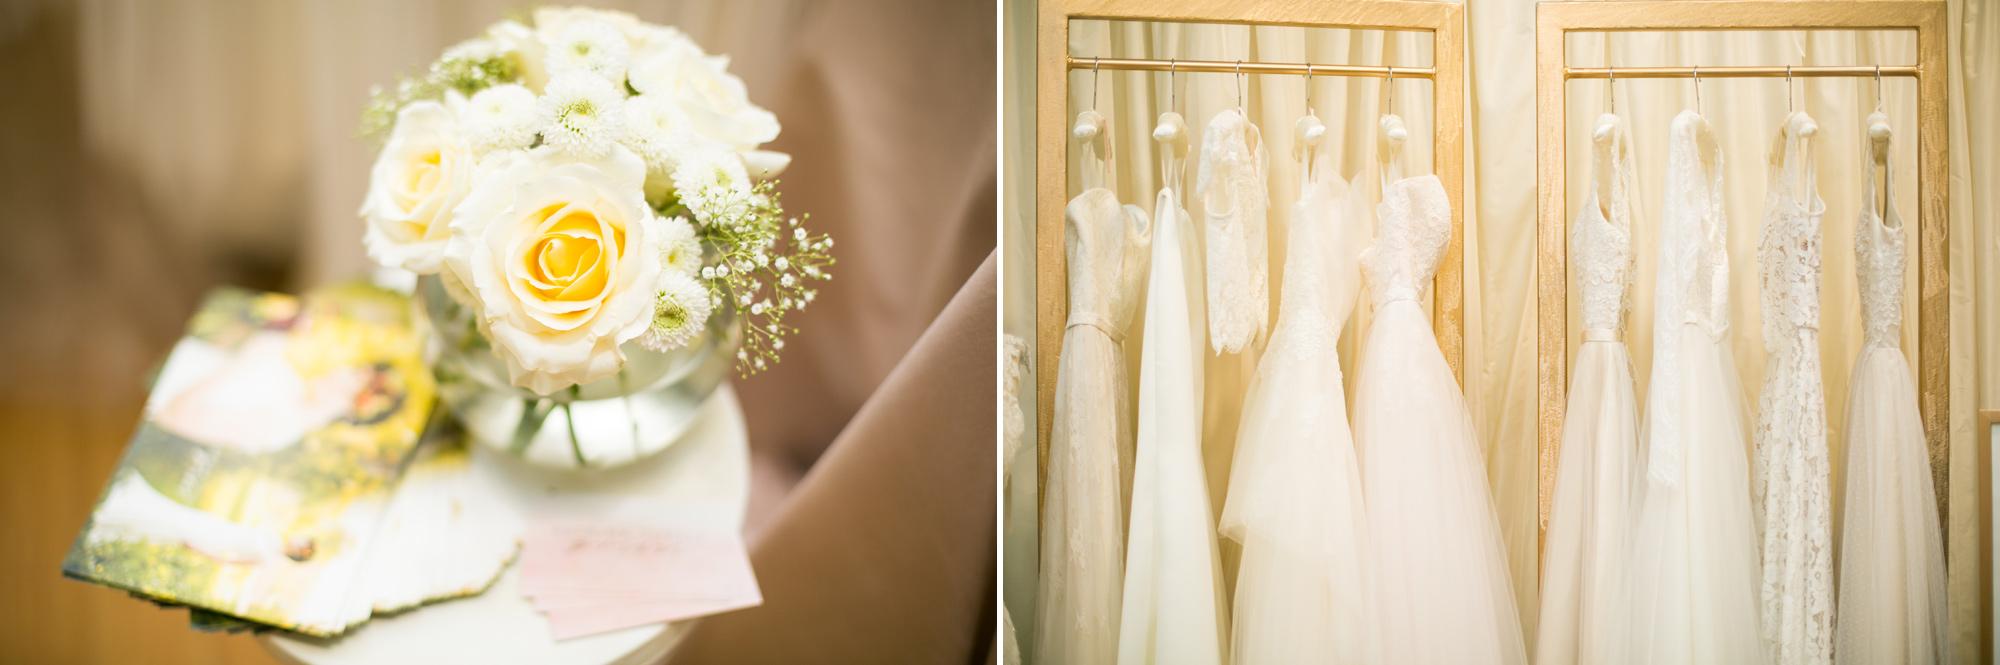 878-halifax-indie-wedding-social.jpg